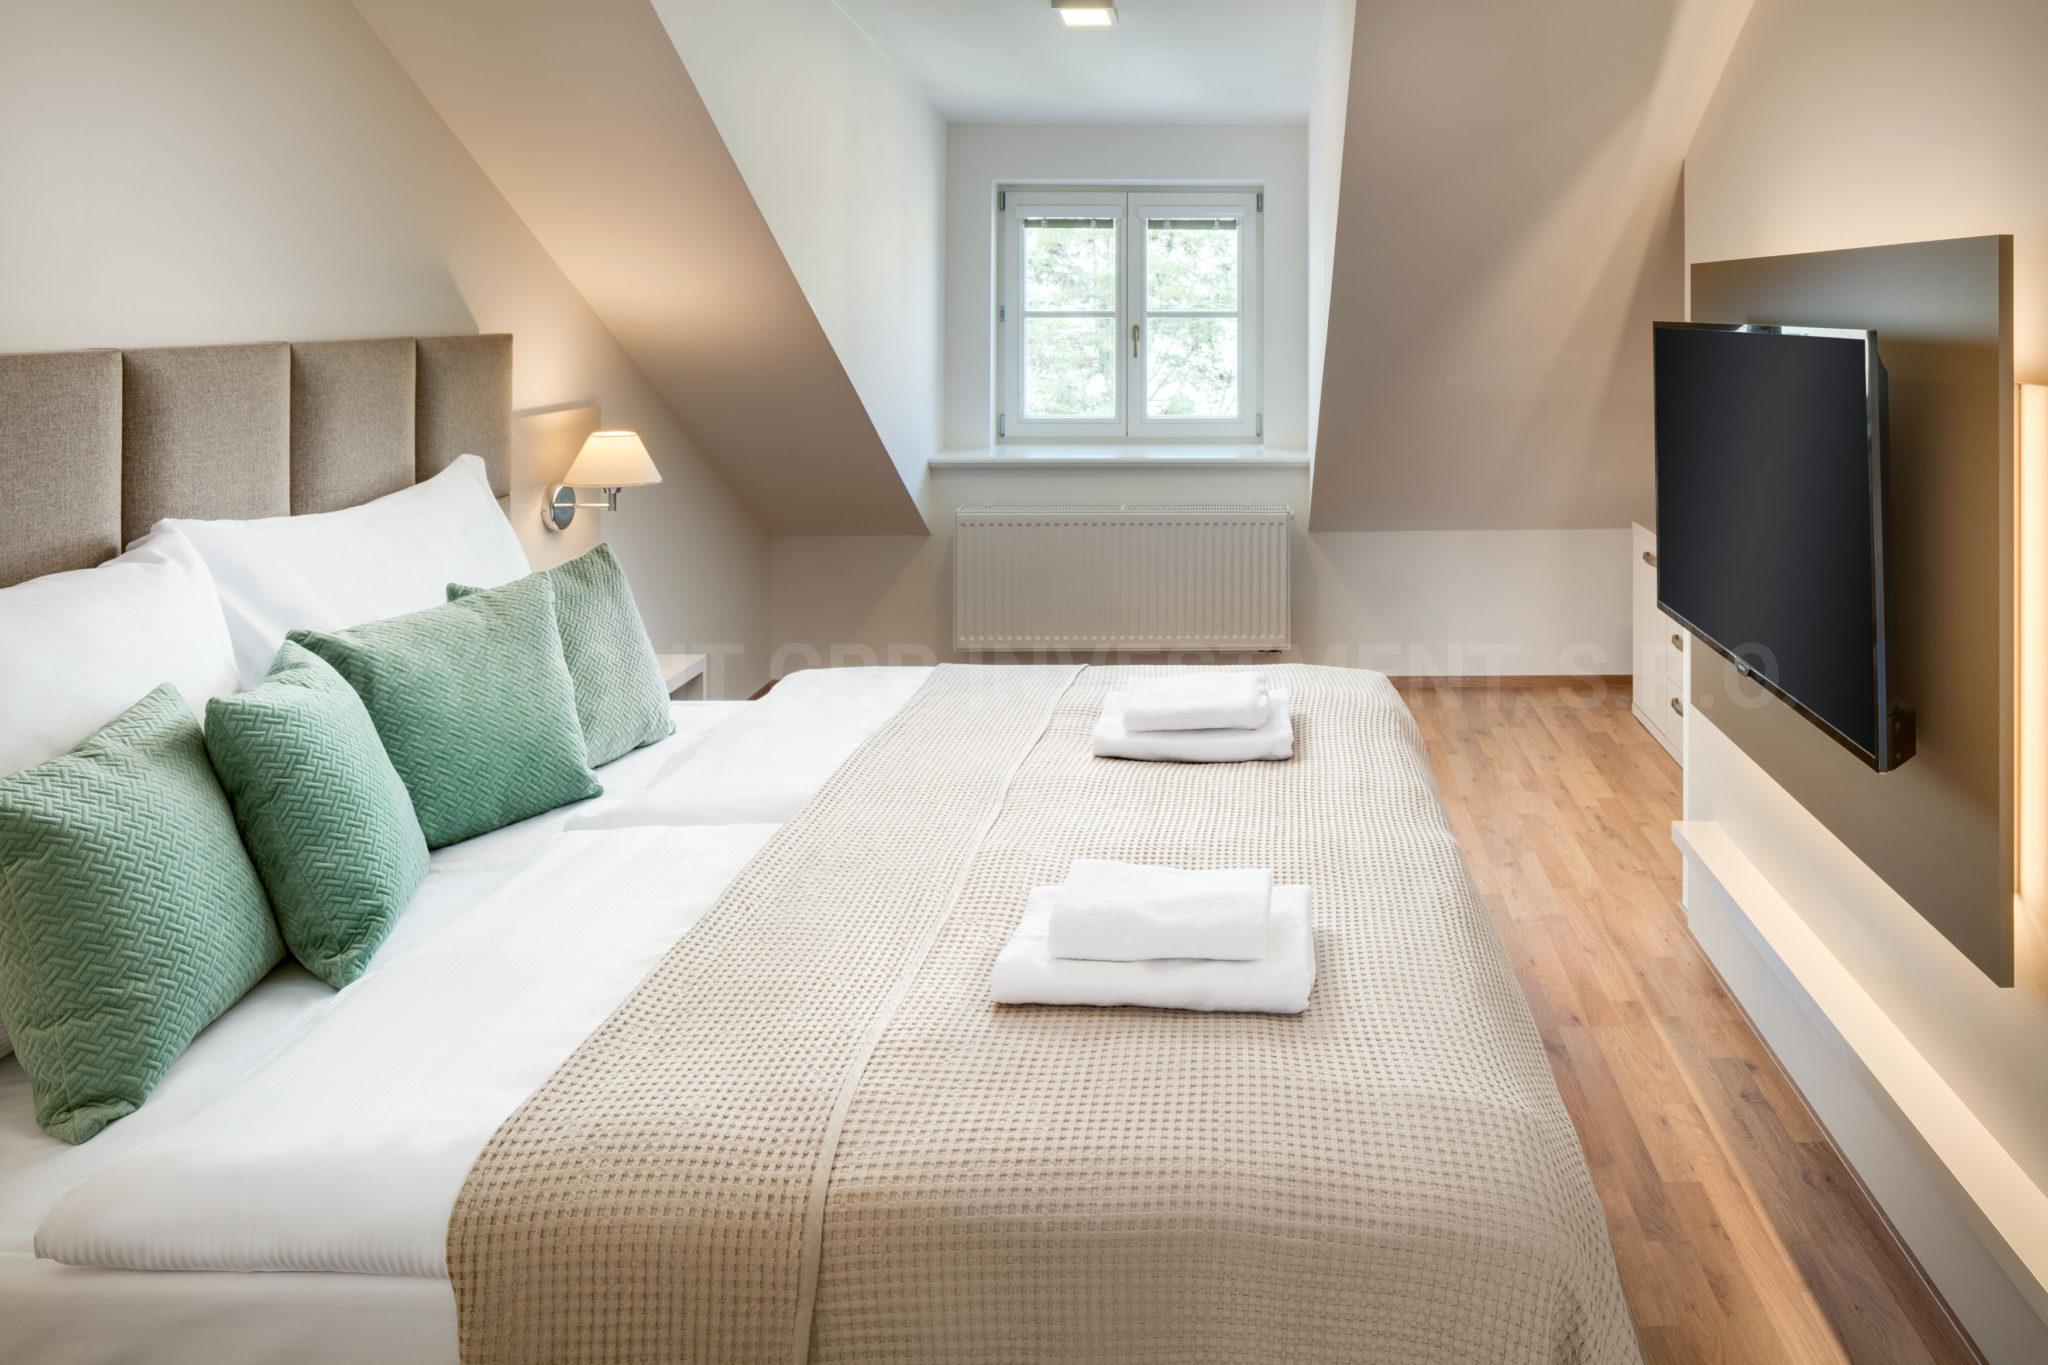 Duplex-Wohnung zur kurzfristigen Miete in Prag